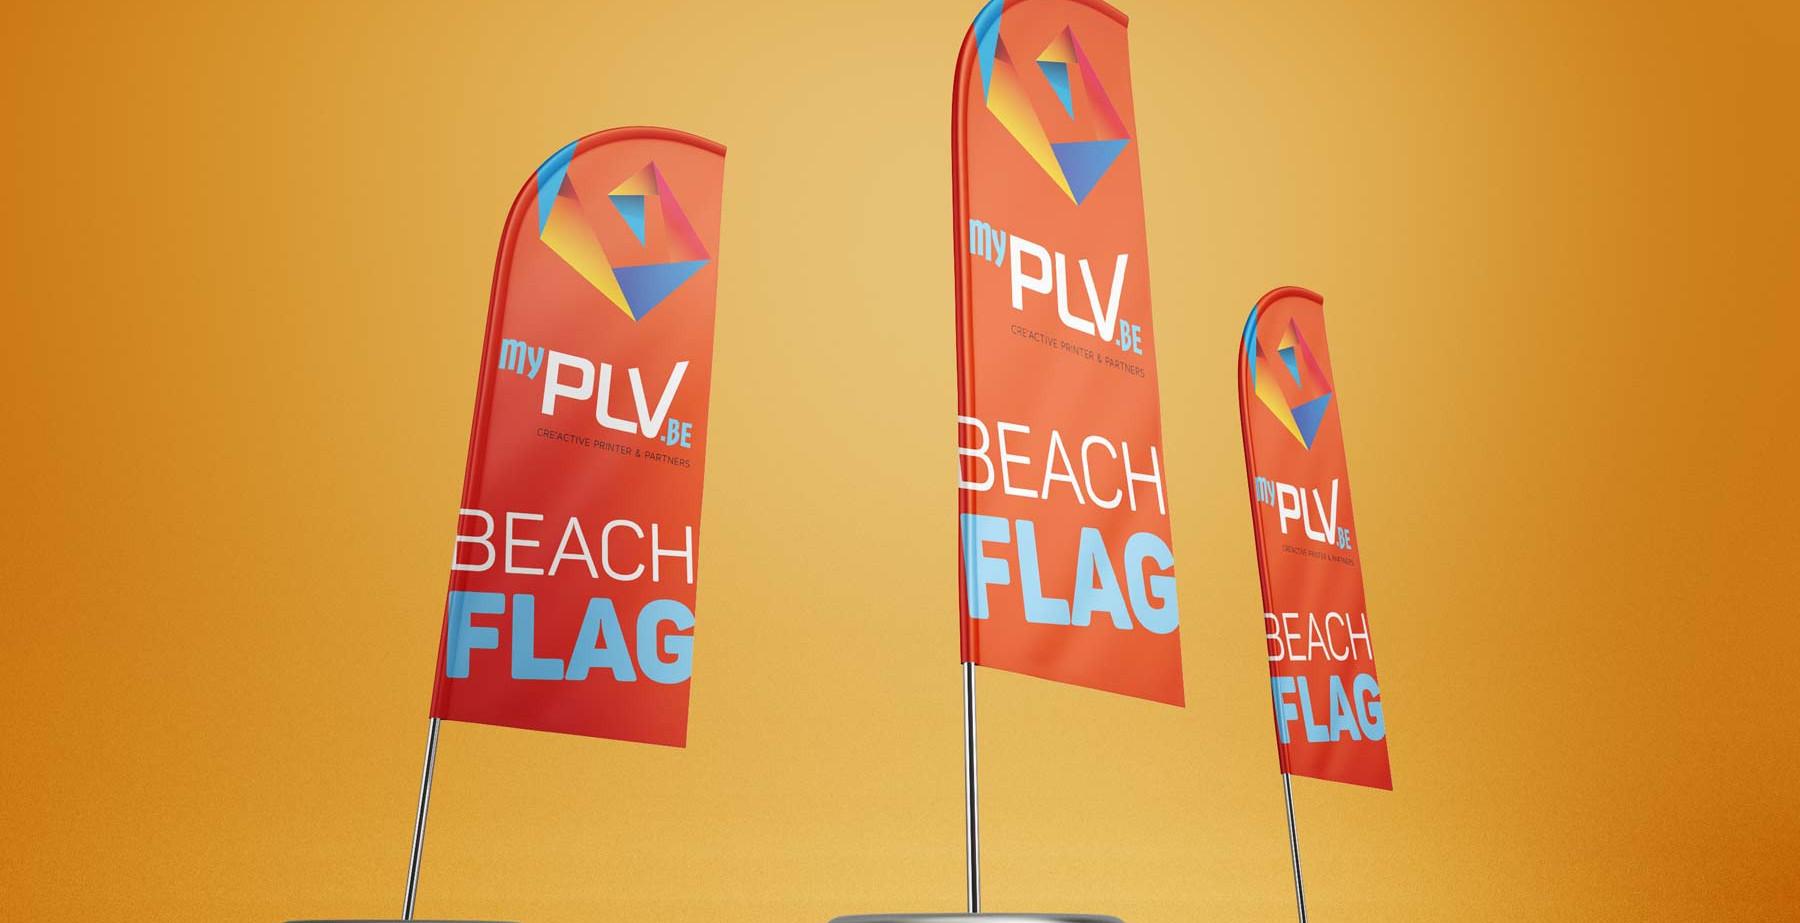 Beach-Flag-1-[myPLV].jpg